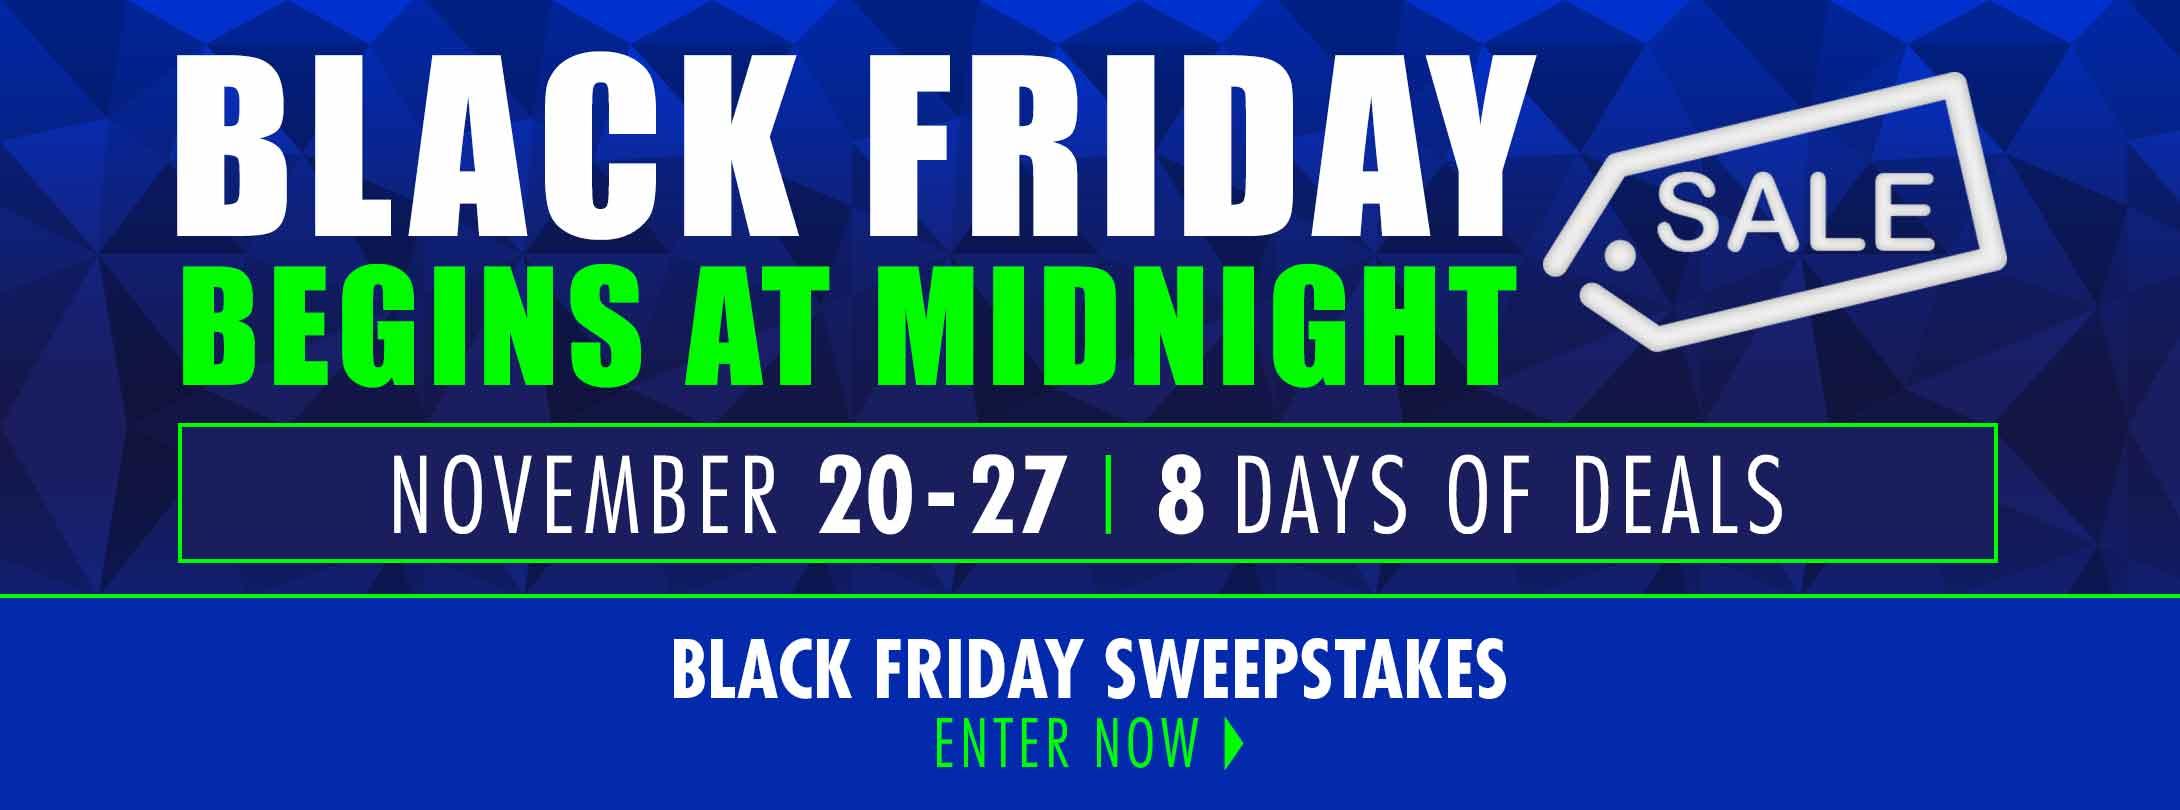 Black Friday Begins At Midnight!